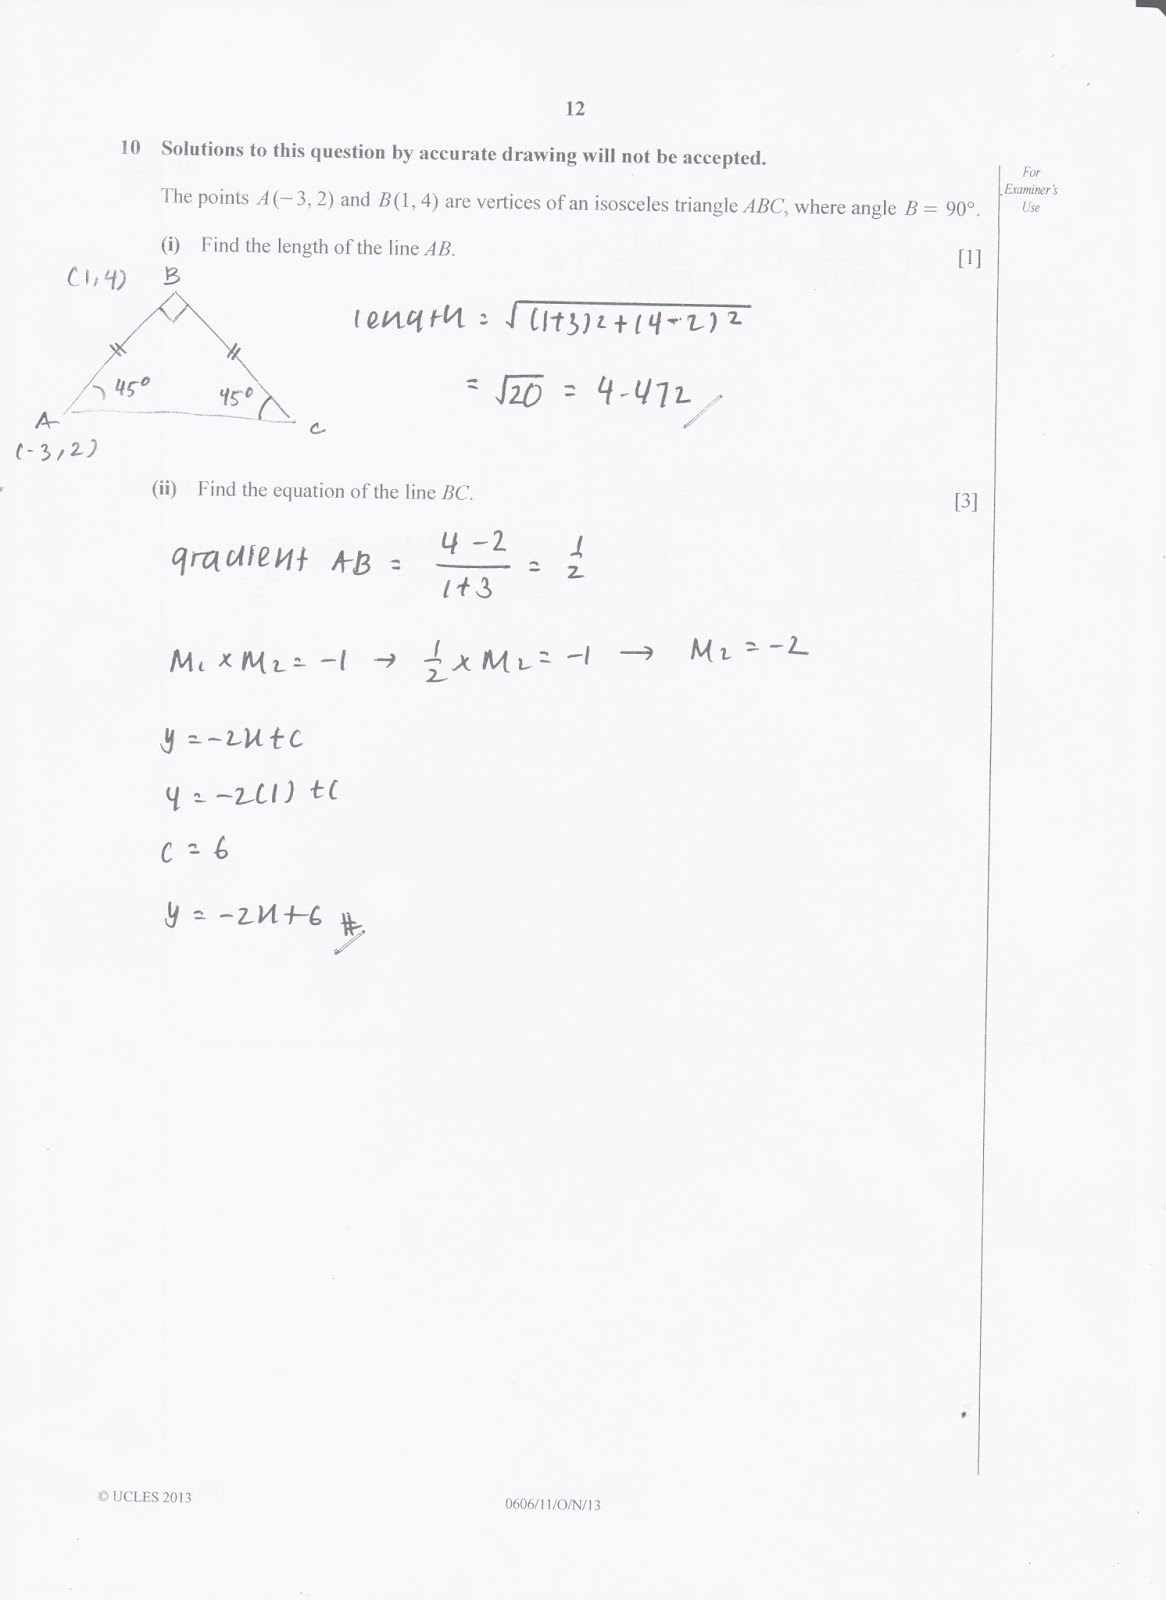 IGCSE Add Maths Working Answers [0606/11] Paper 1 2013